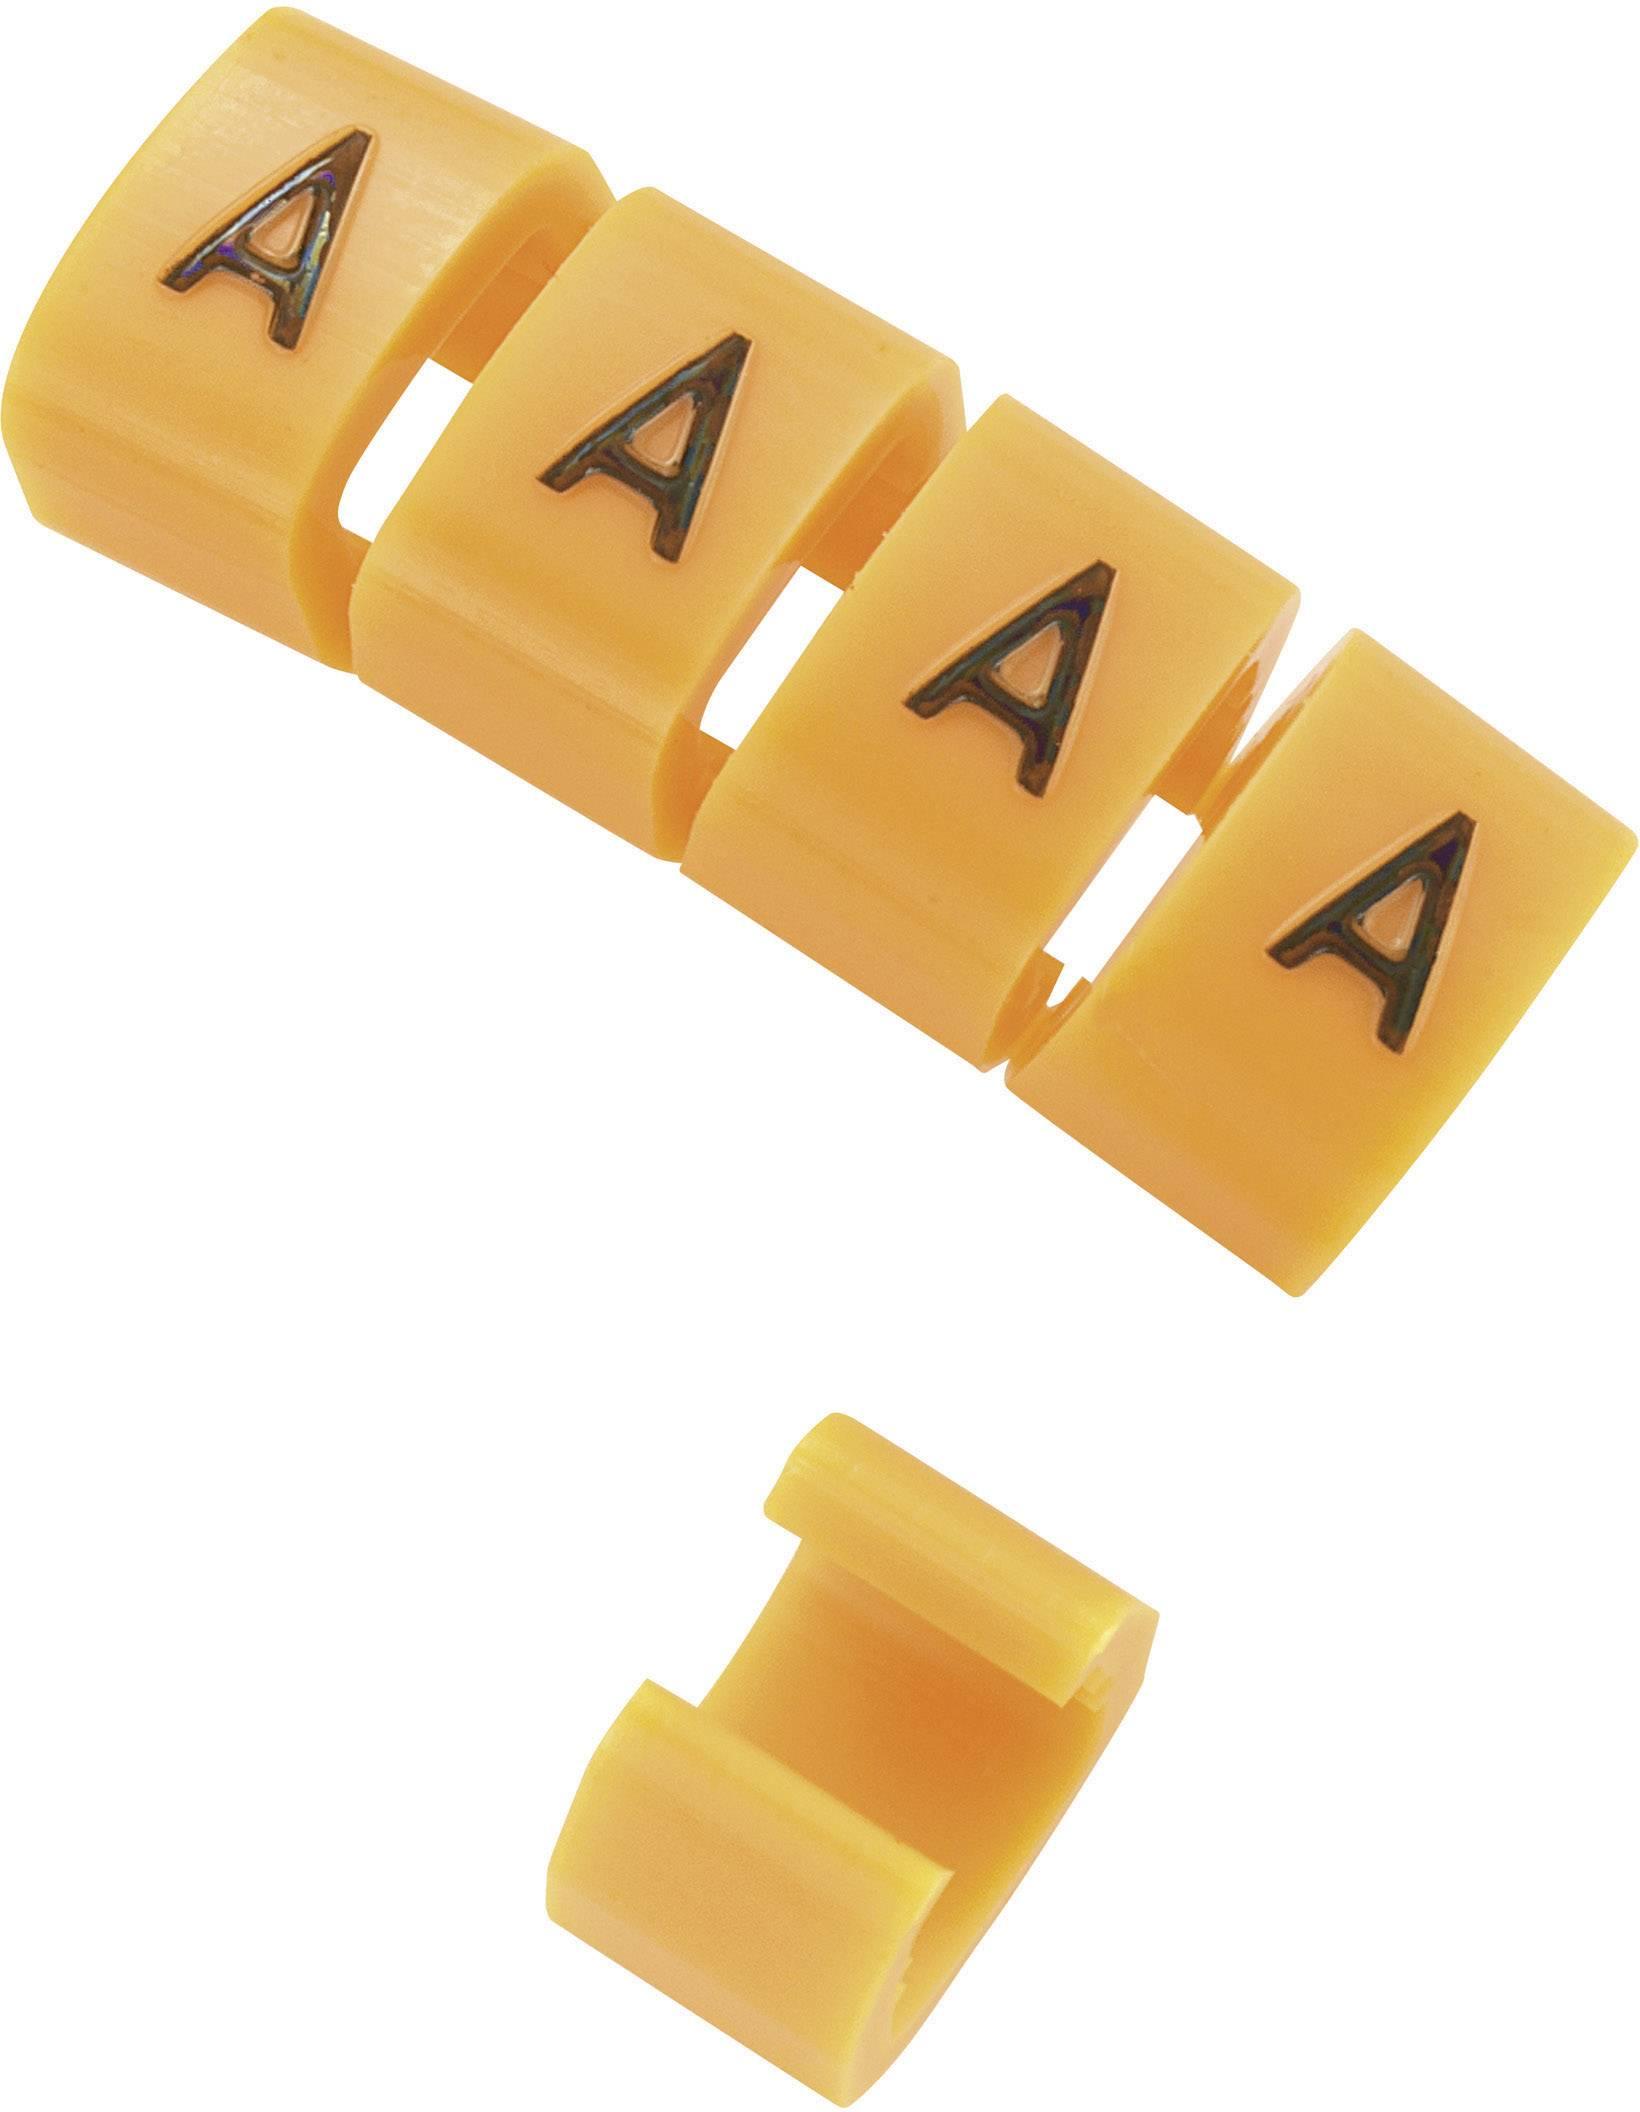 Označovacie objímka na káble KSS MB1/G, oranžová, 10 ks